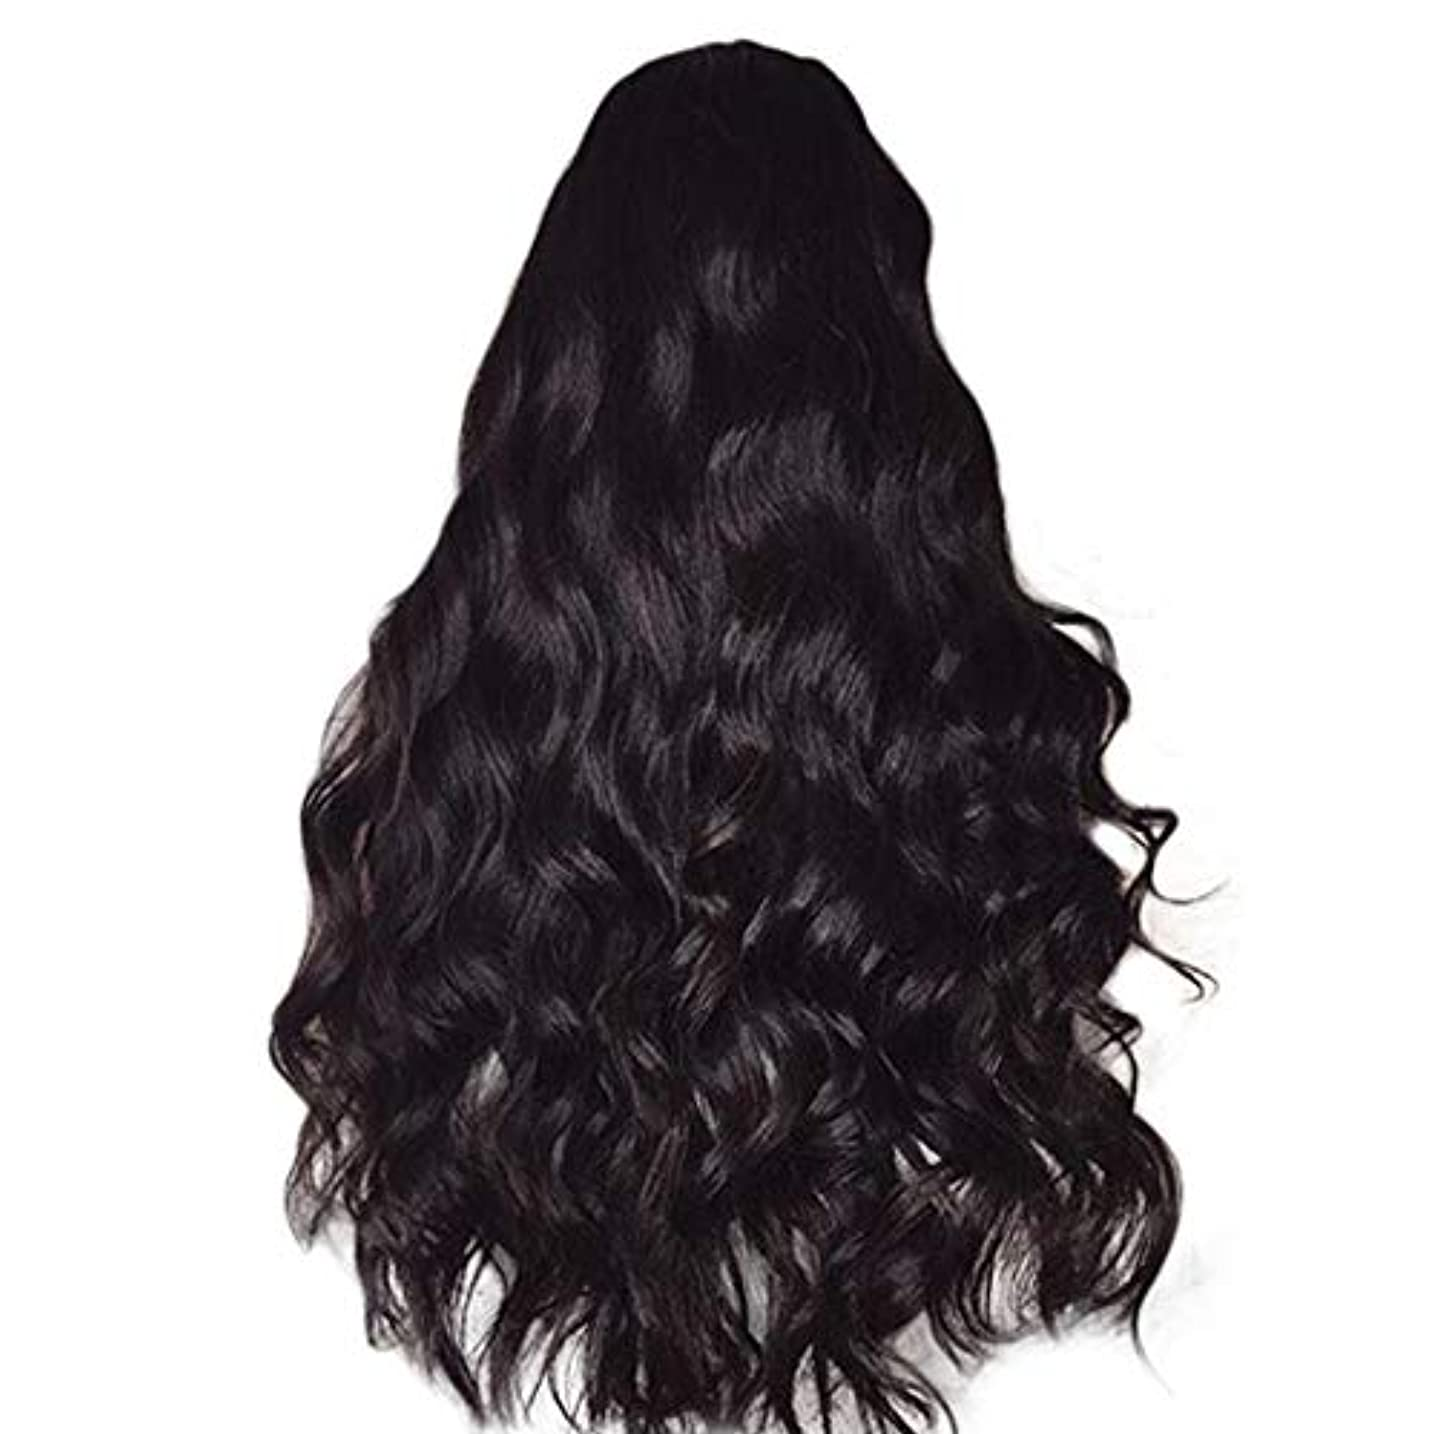 事実上長々と補正女性のかつら長い巻き毛黒ふわふわビッグウェーブウィッグ65 cm